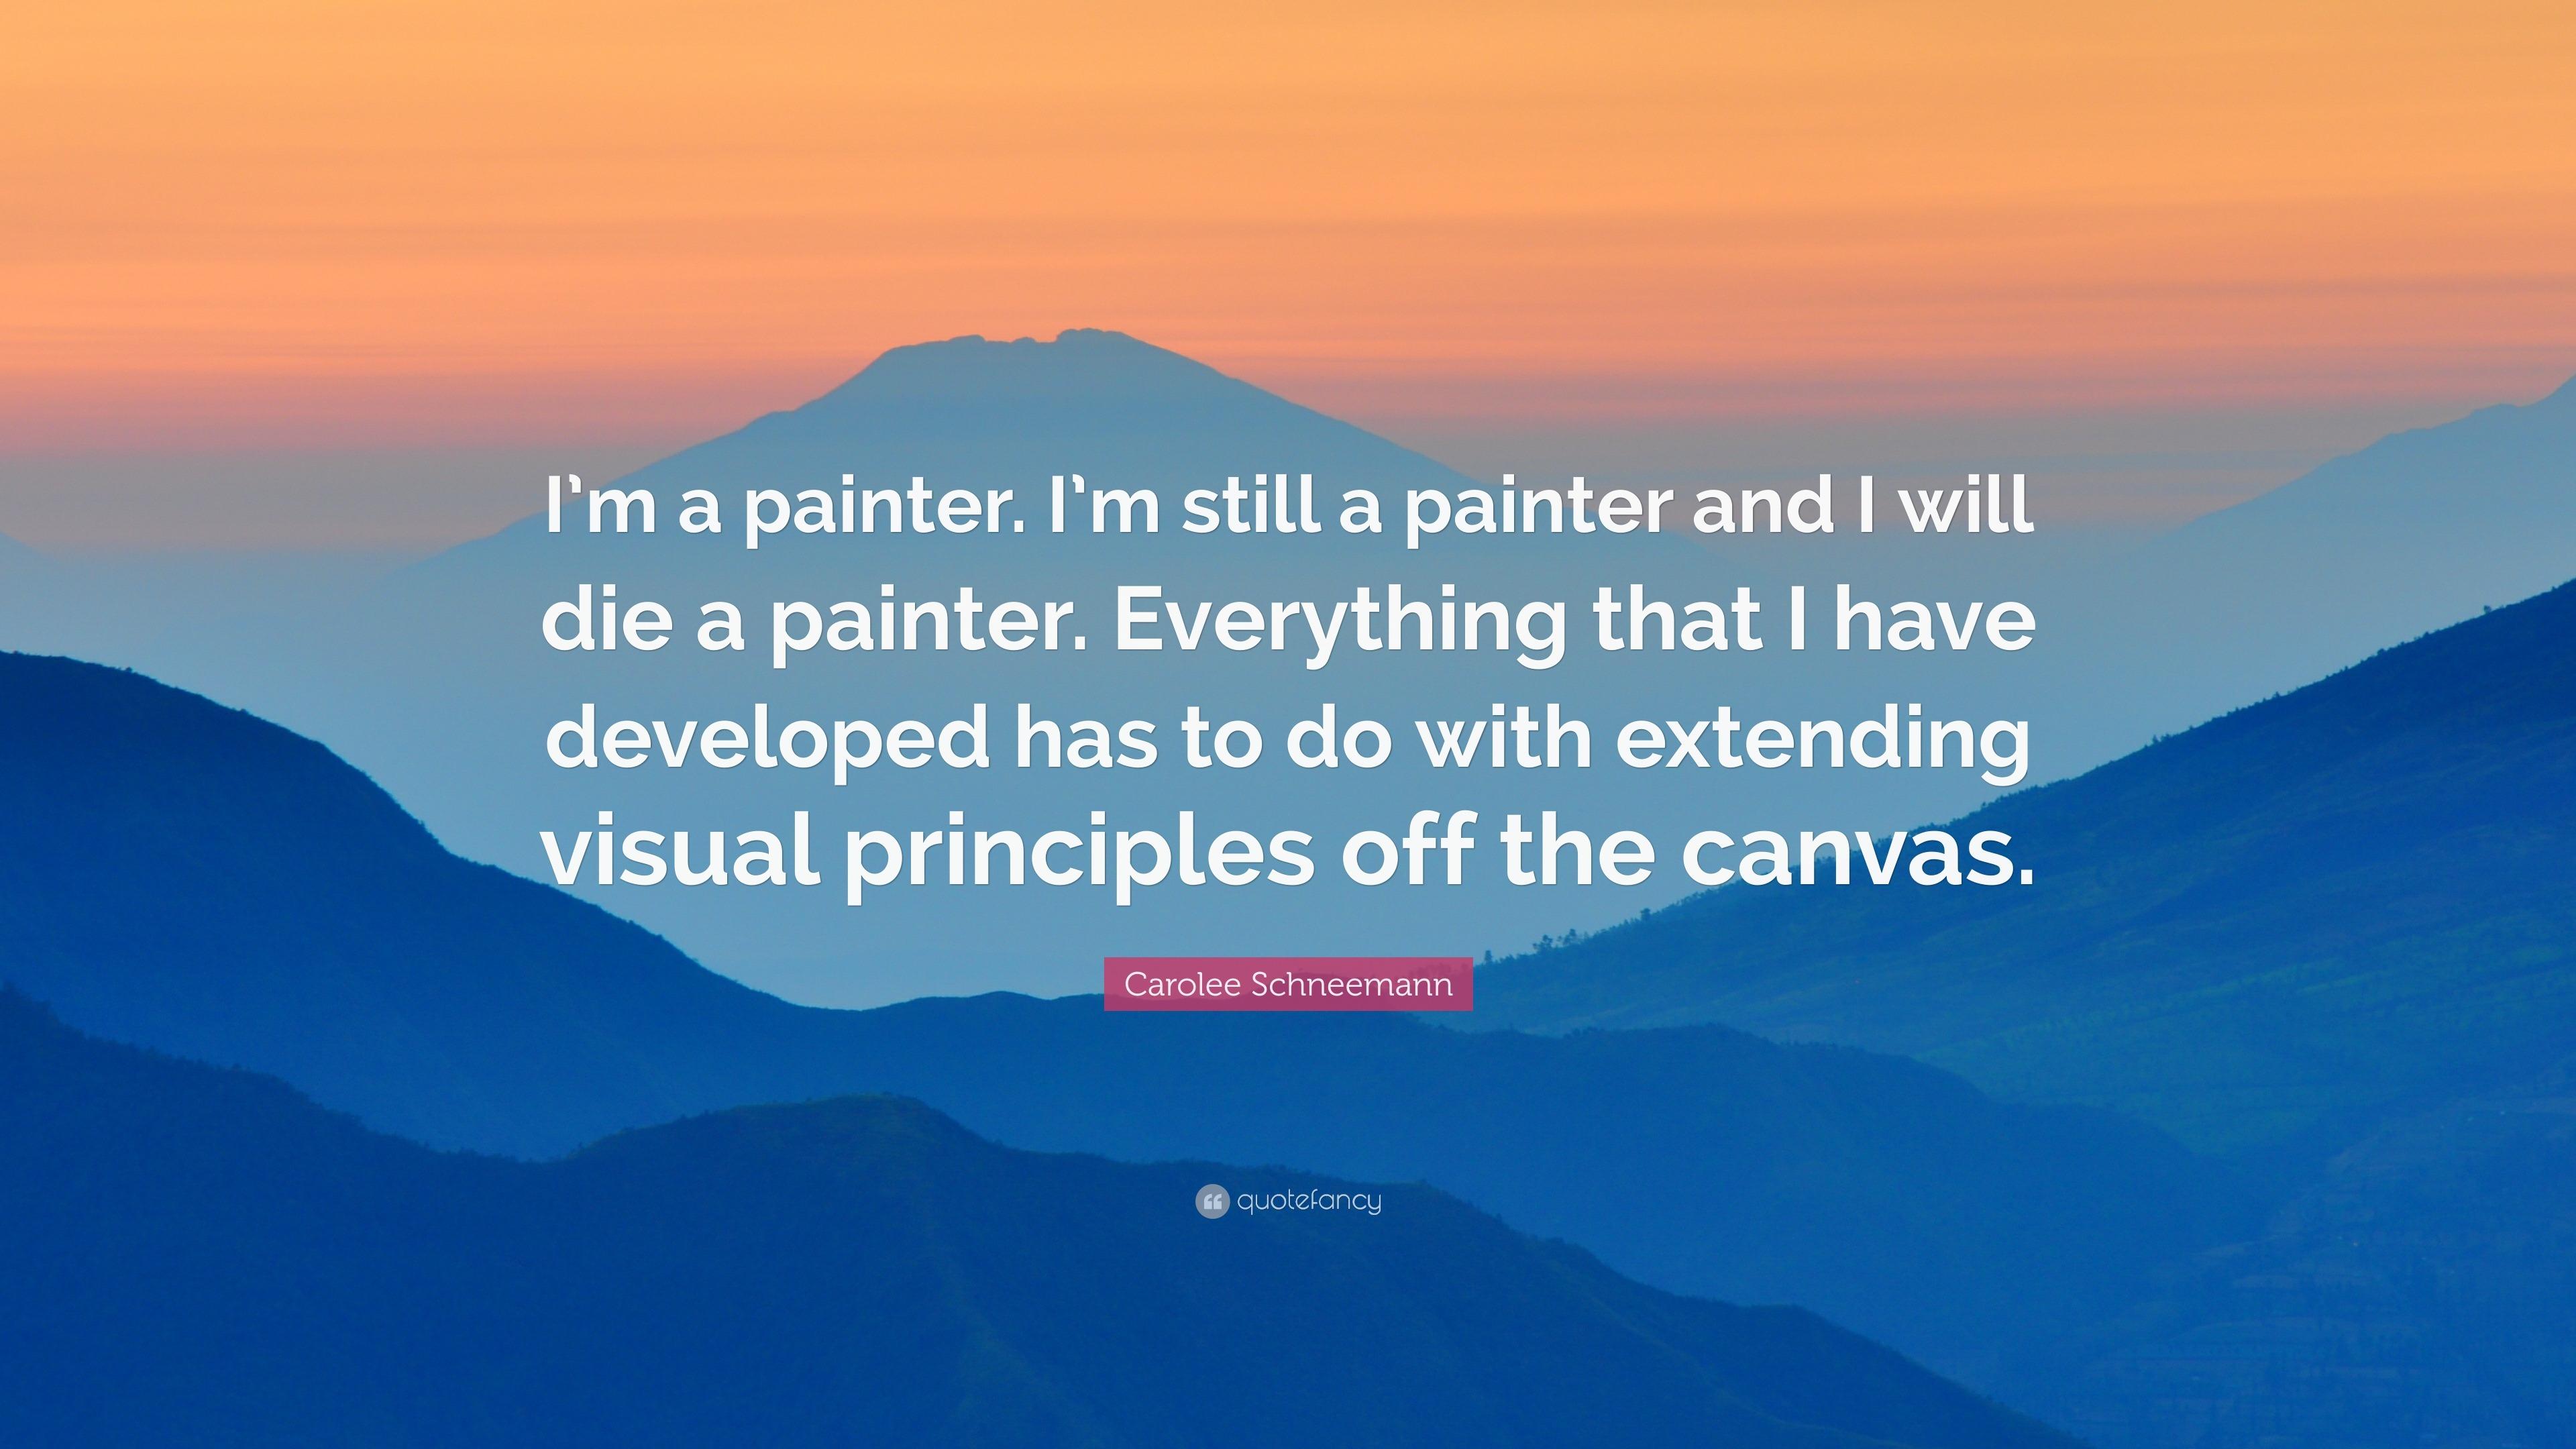 Carolee Schneemann Quotes 2 Wallpapers Quotefancy